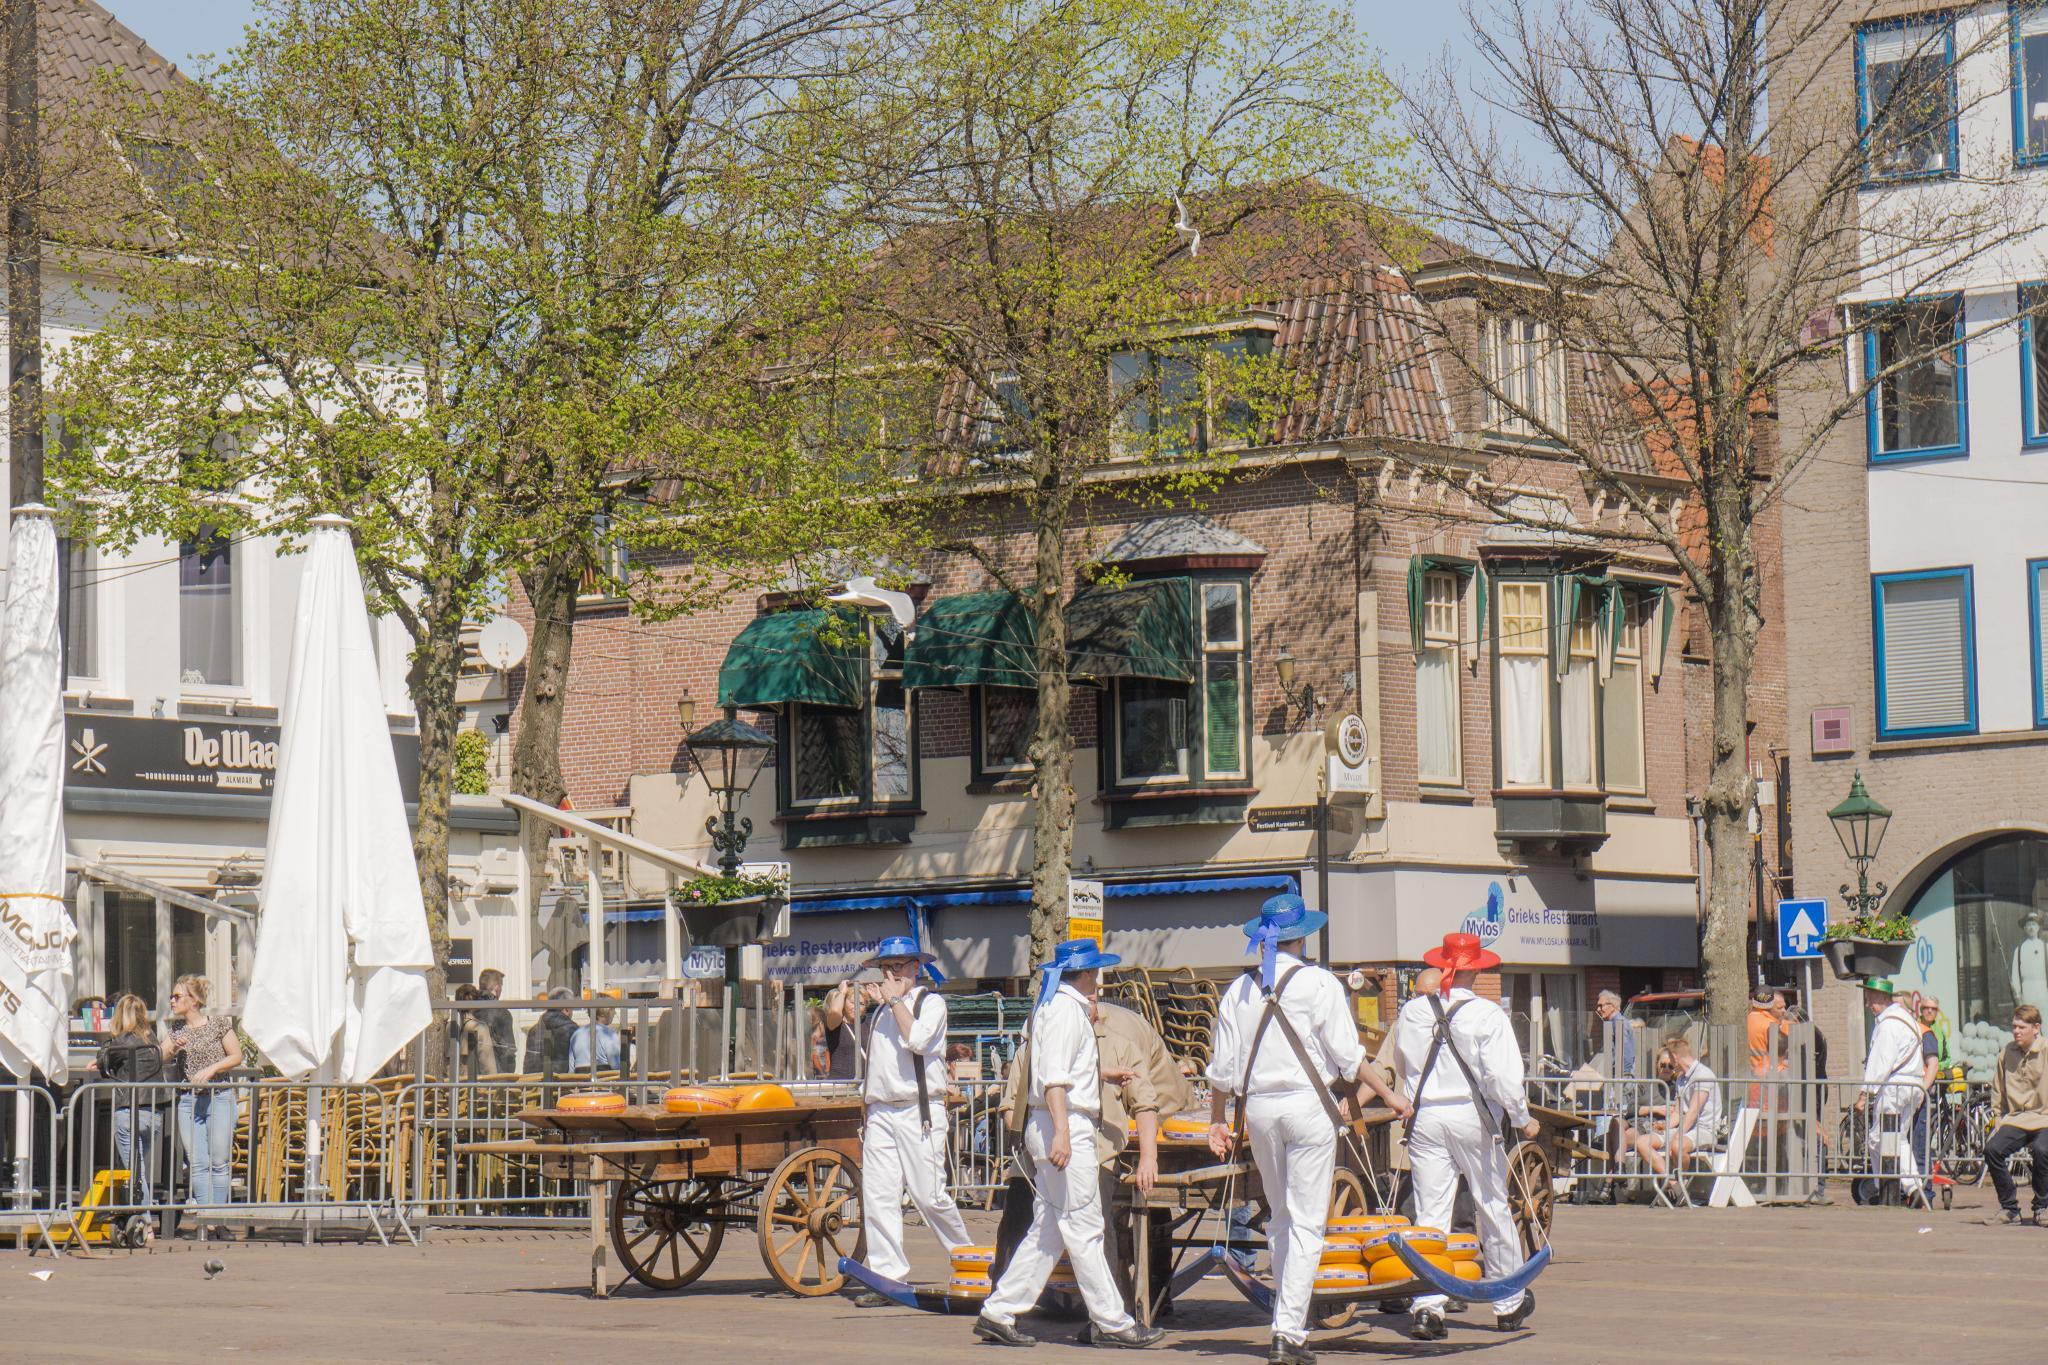 【荷蘭印象】體驗道地的荷式風情 — Alkmaar 起司市集 散步路線整理 26